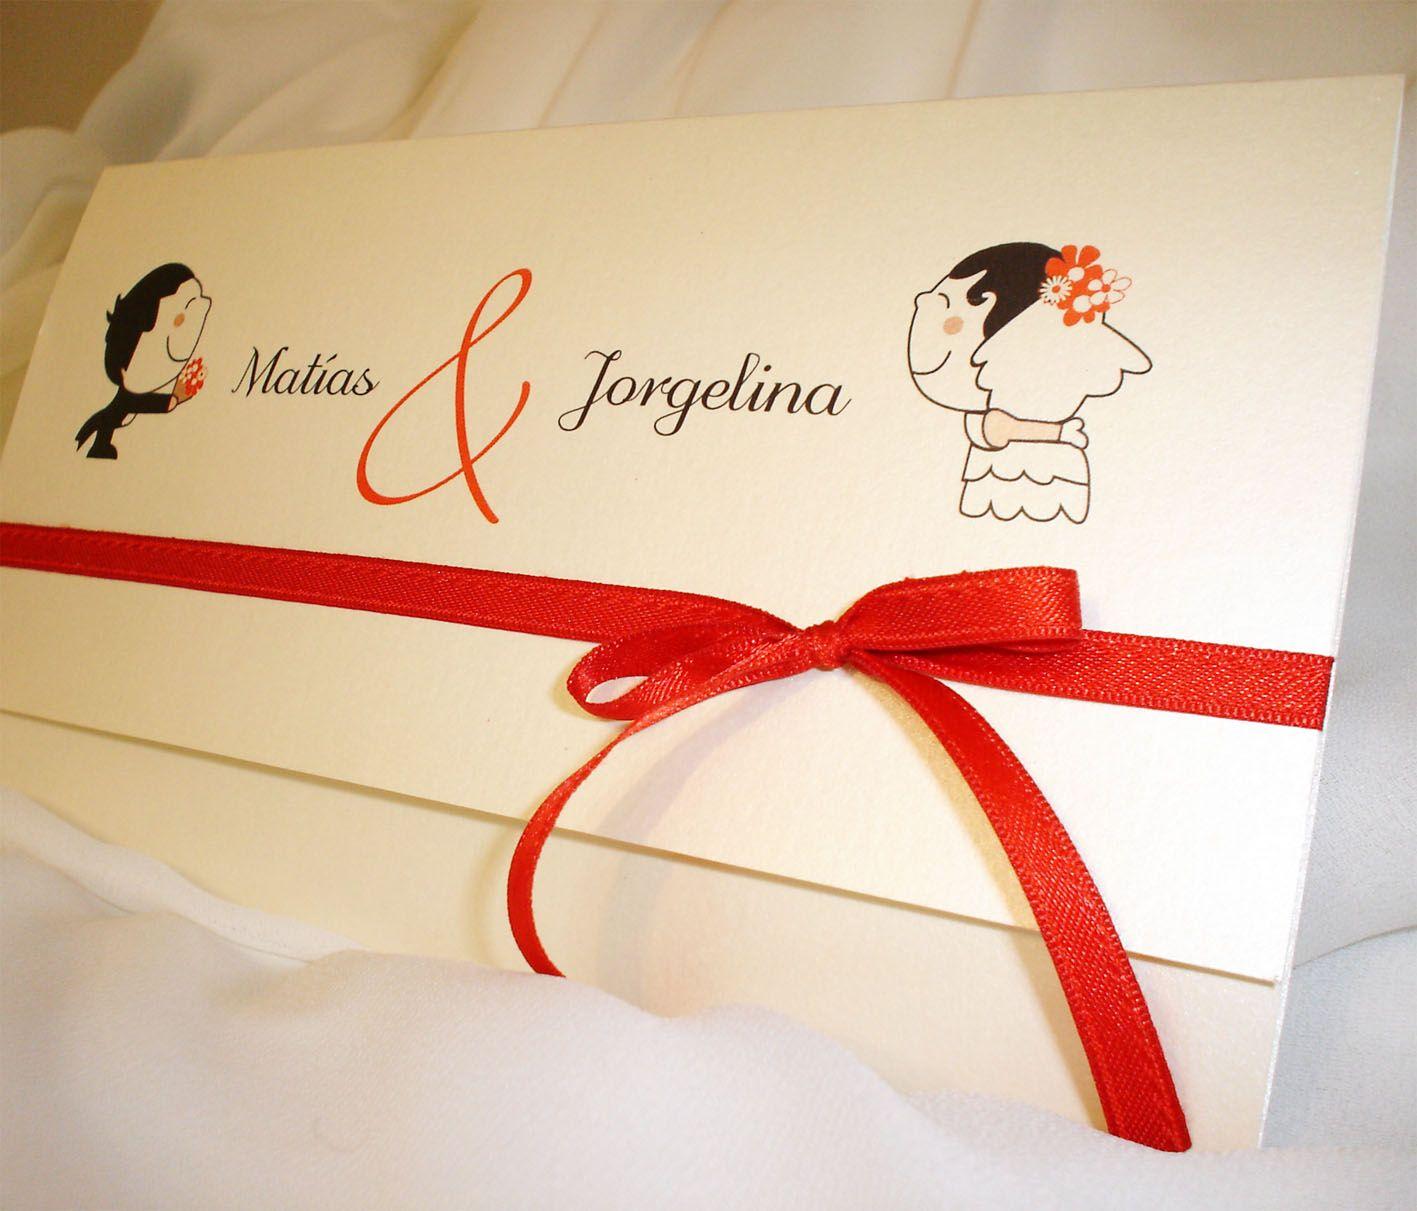 Invitaciones de boda originales regalos originales - Tarjetas de invitacion de boda originales ...